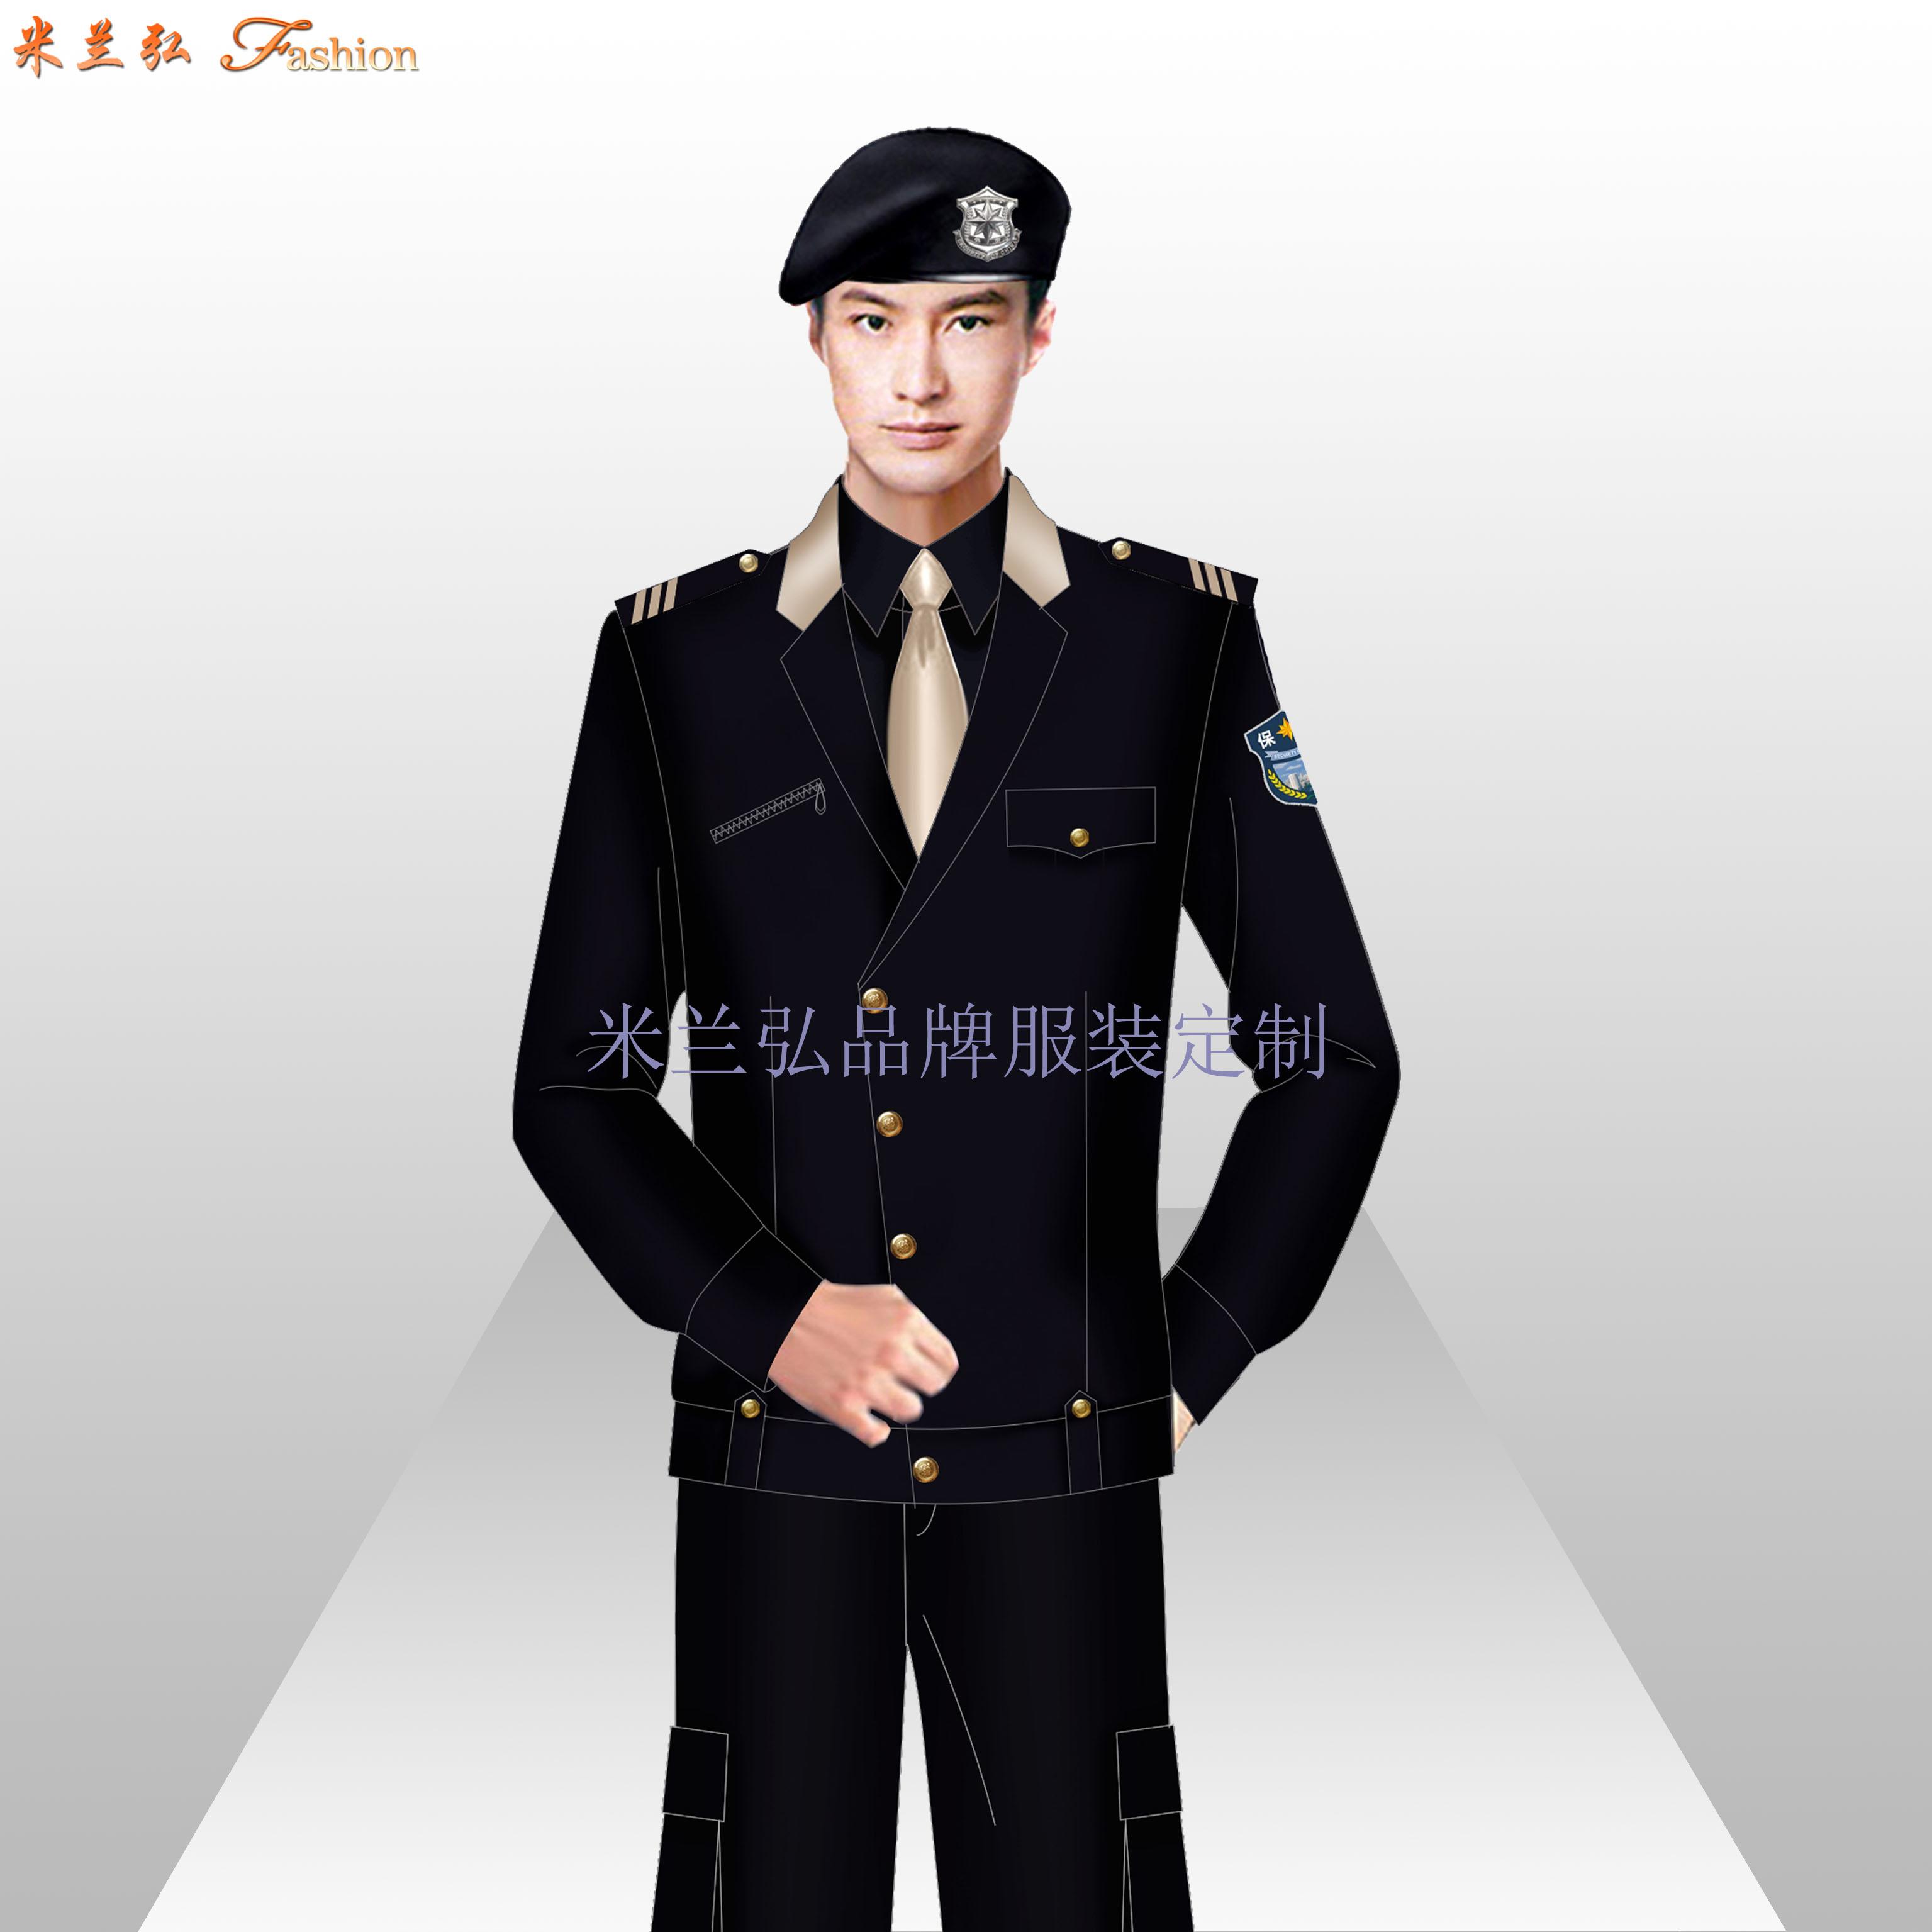 貝雷帽保安服圖片_新式保安服款式-米蘭弘服裝廠家-3